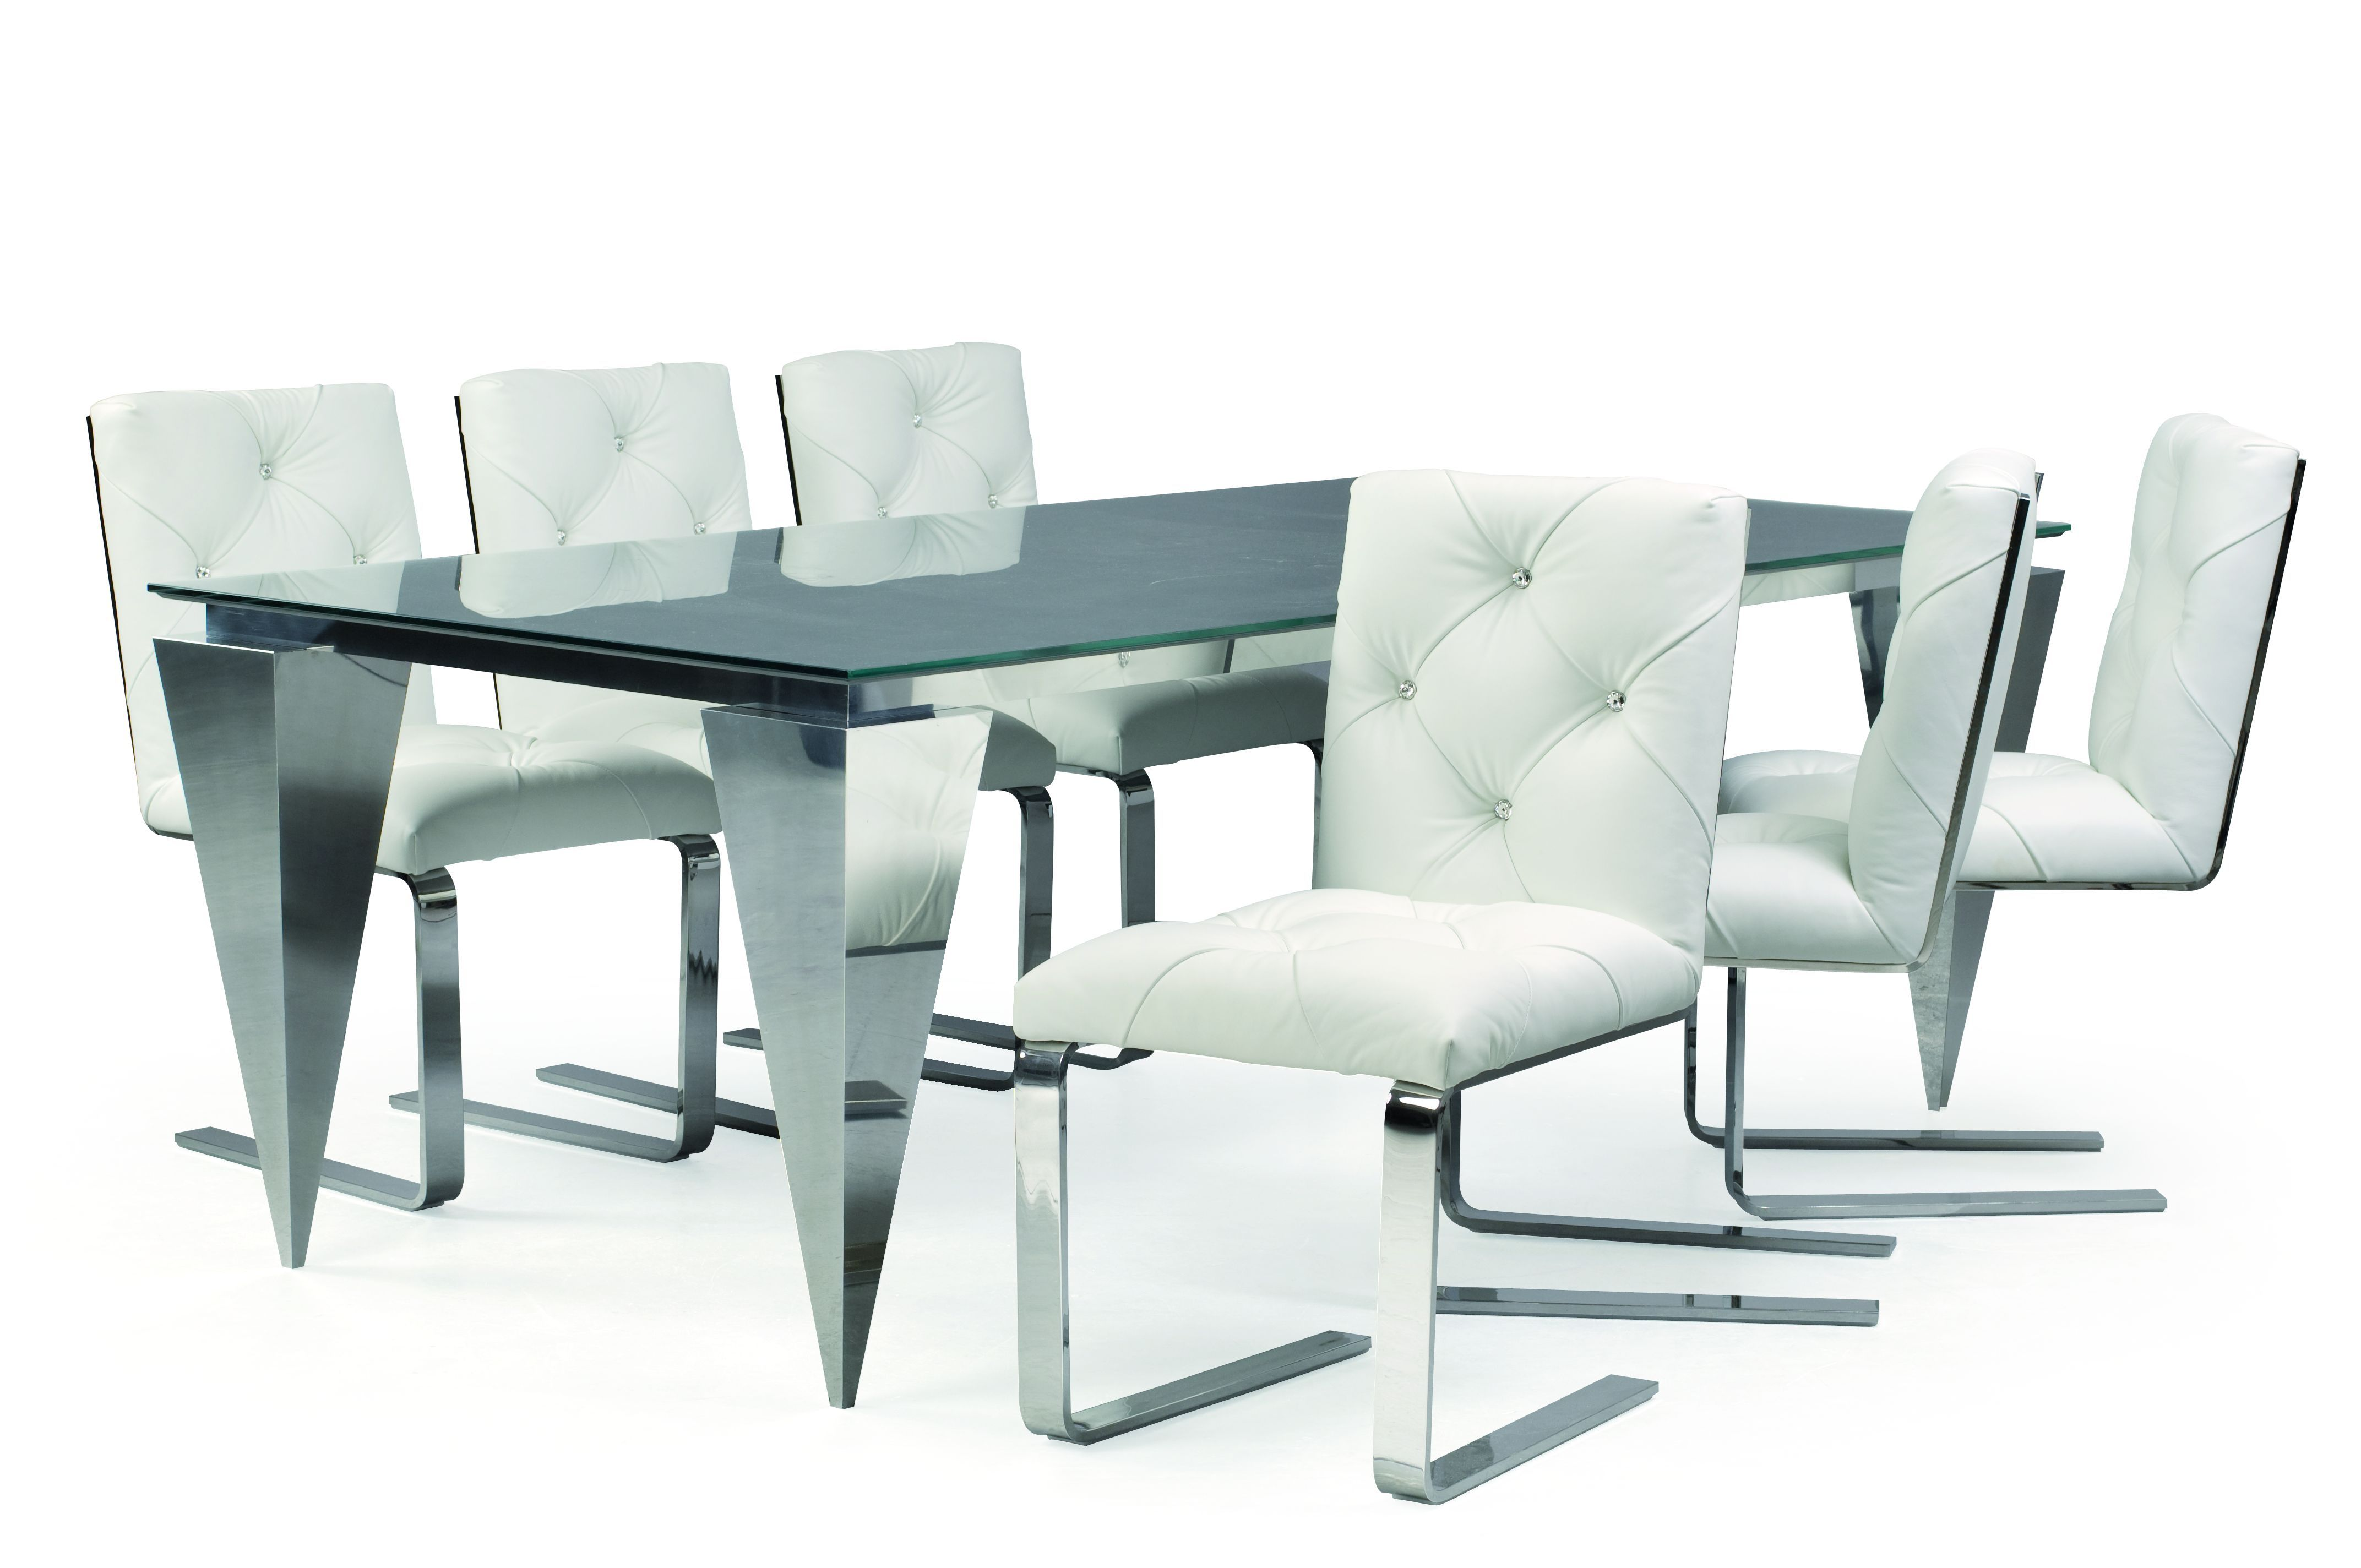 Matbord Och Stolar I Modern Design Från Bretz Www Vallaste Se Det Gillar Jag Pinterest